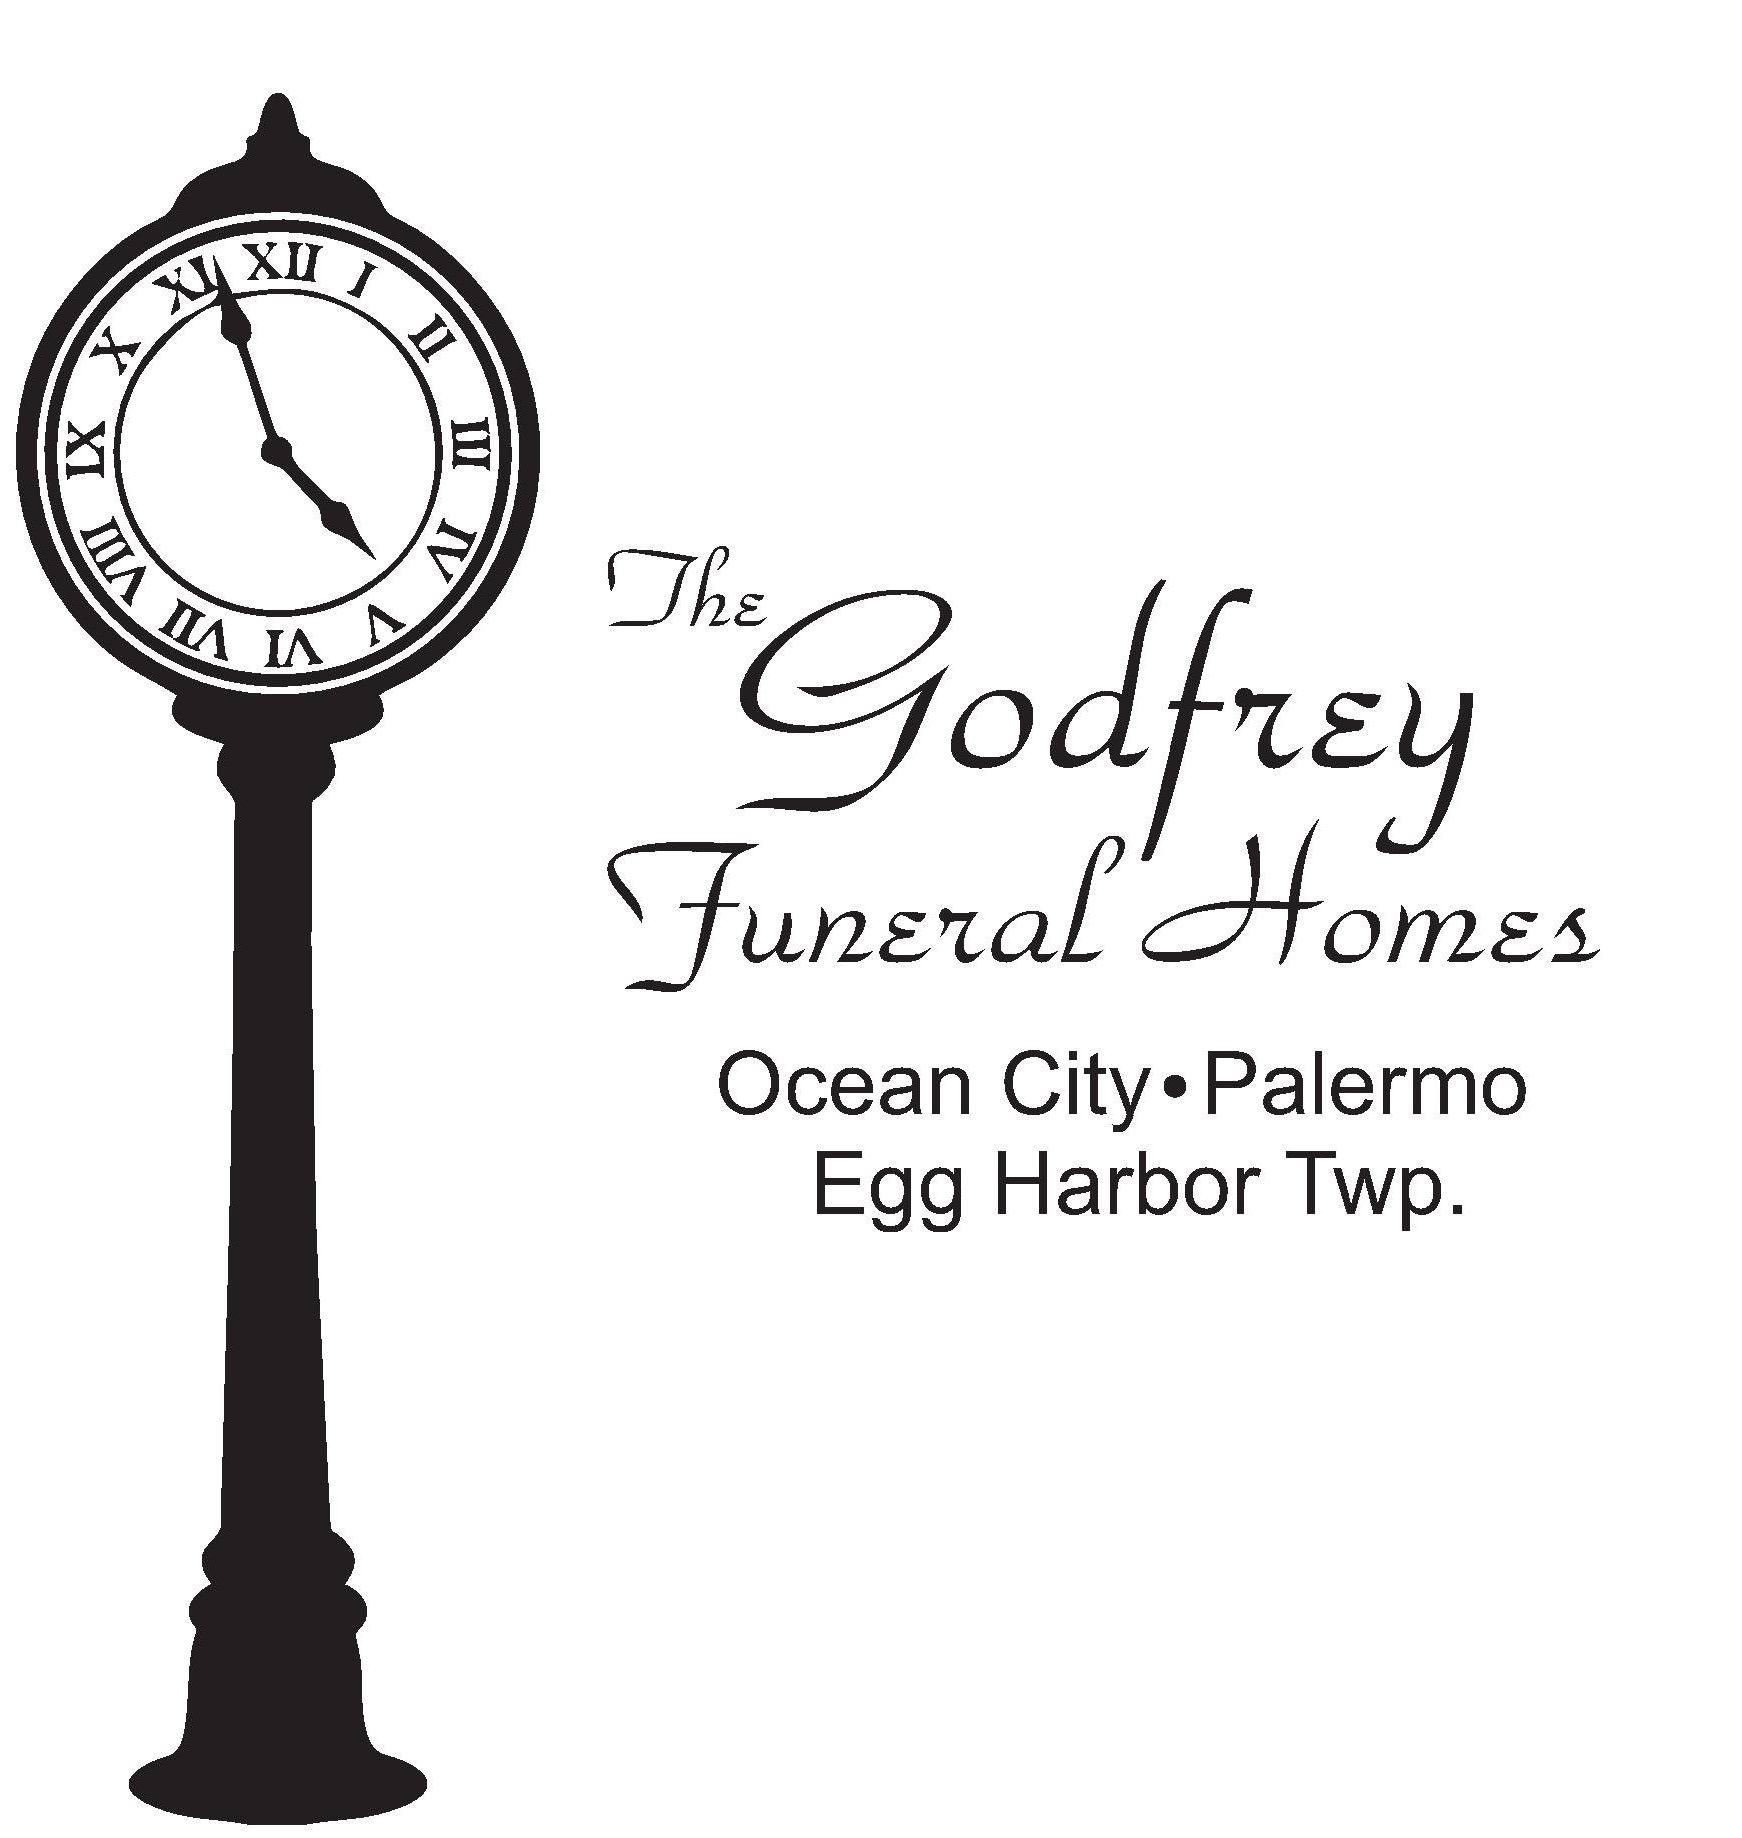 Godfrey Funeral Homes